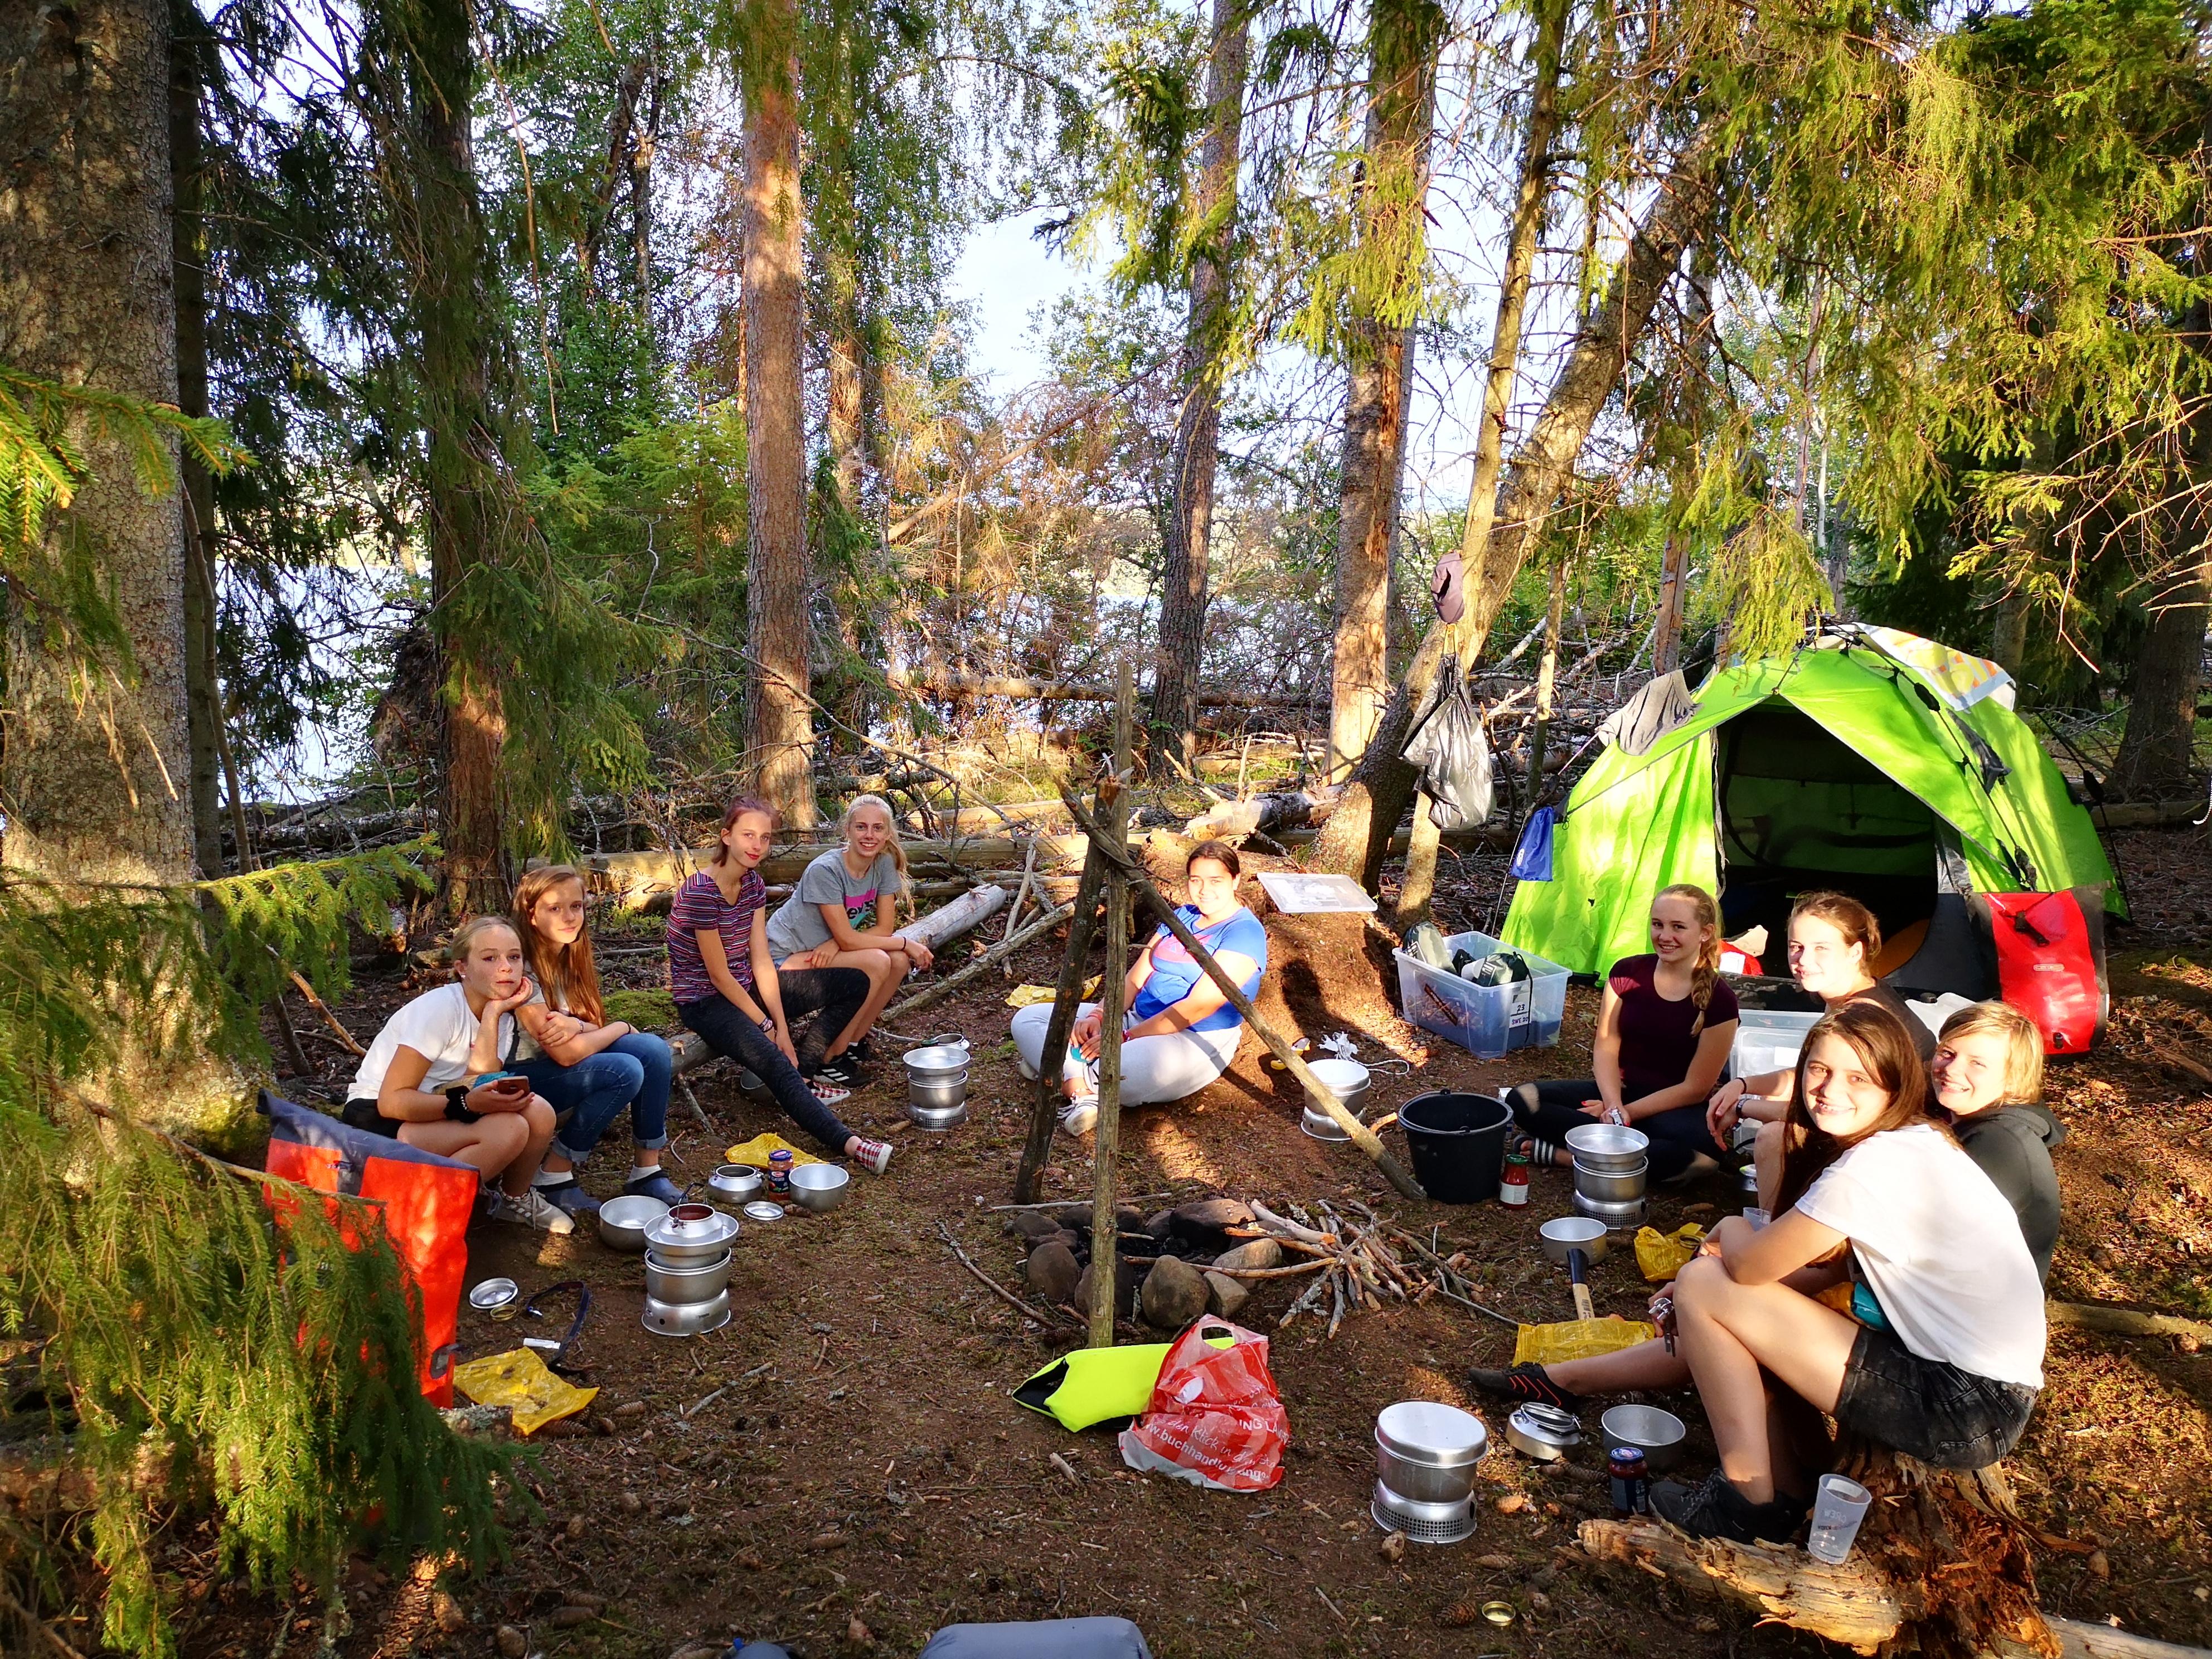 Jugendliche sitzen im Wald und kochen auf Campingkochern